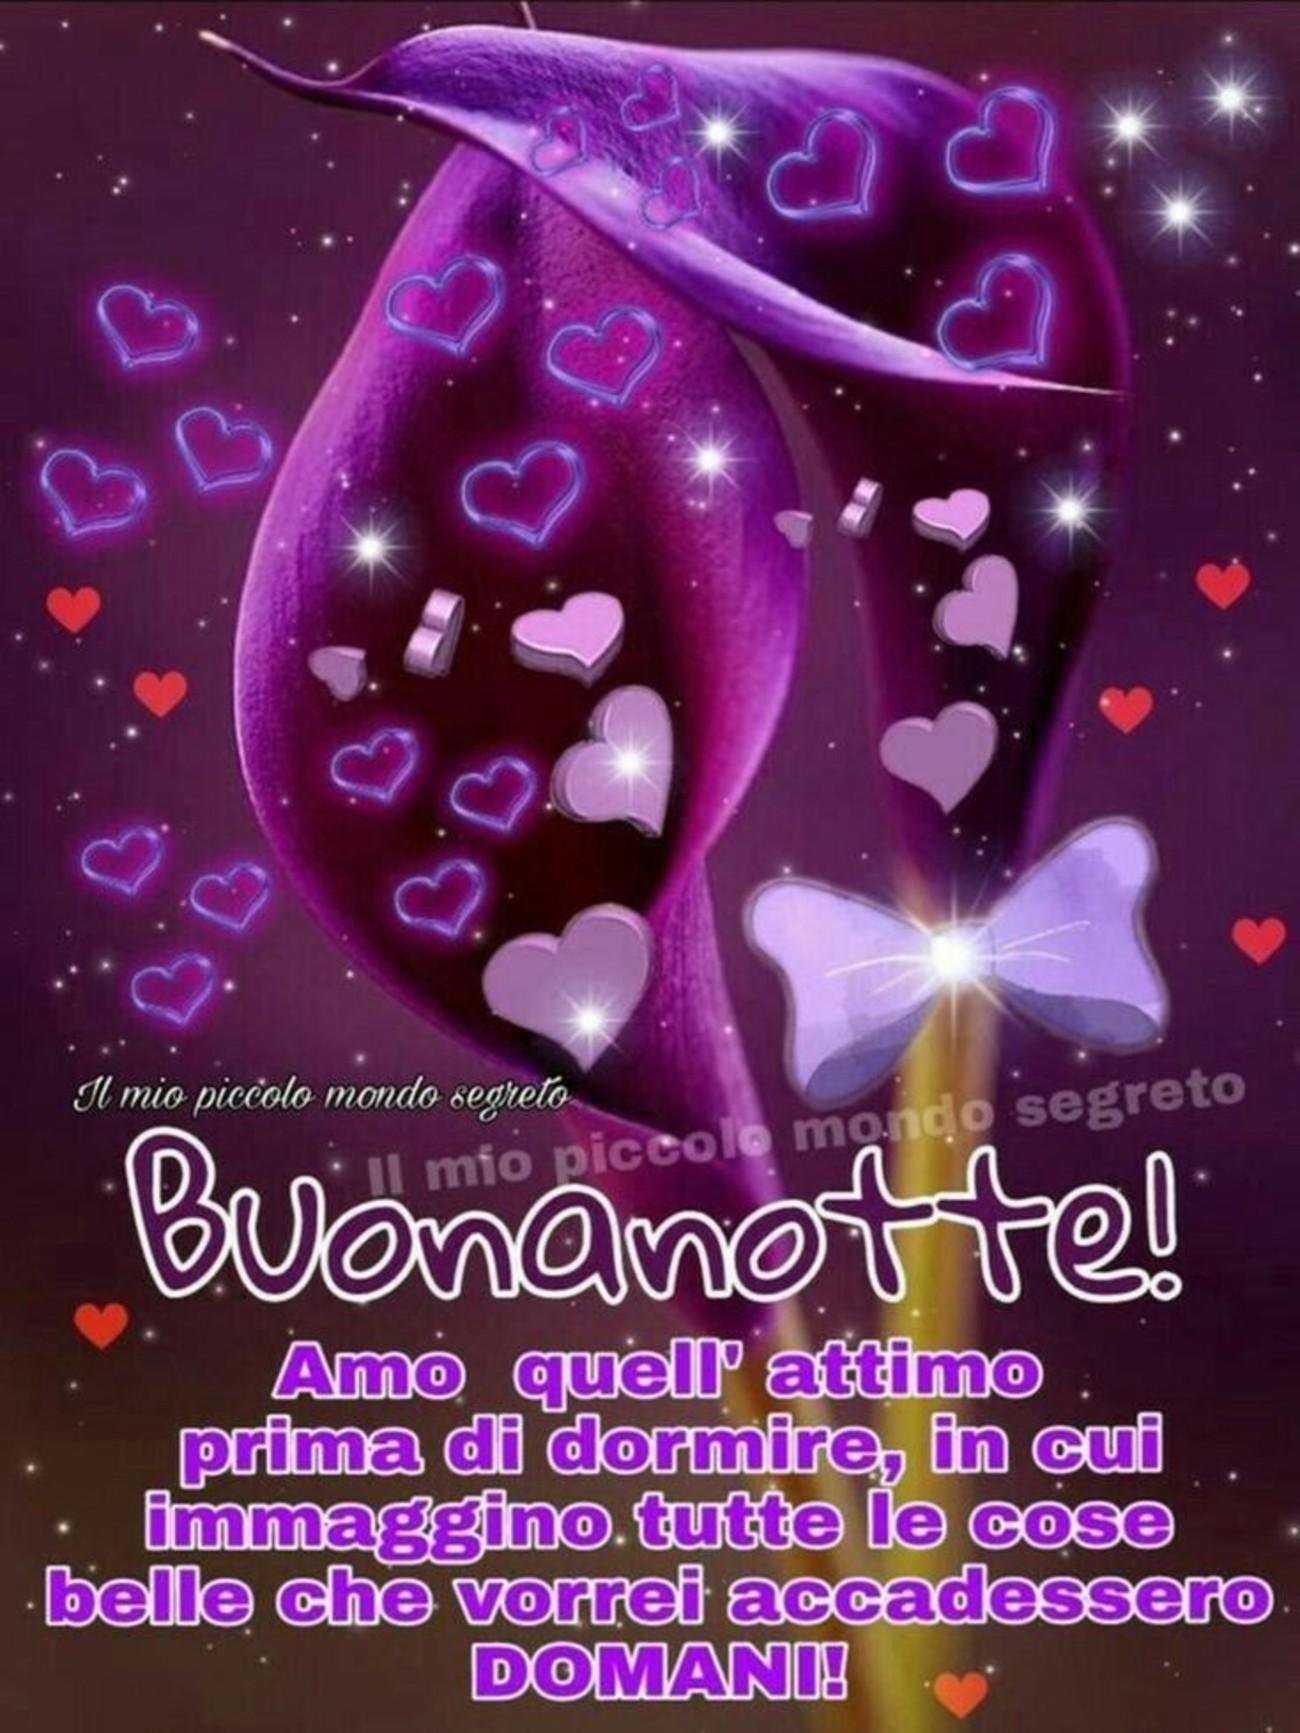 Buonanotte D Amore 1 Buongiornoate It